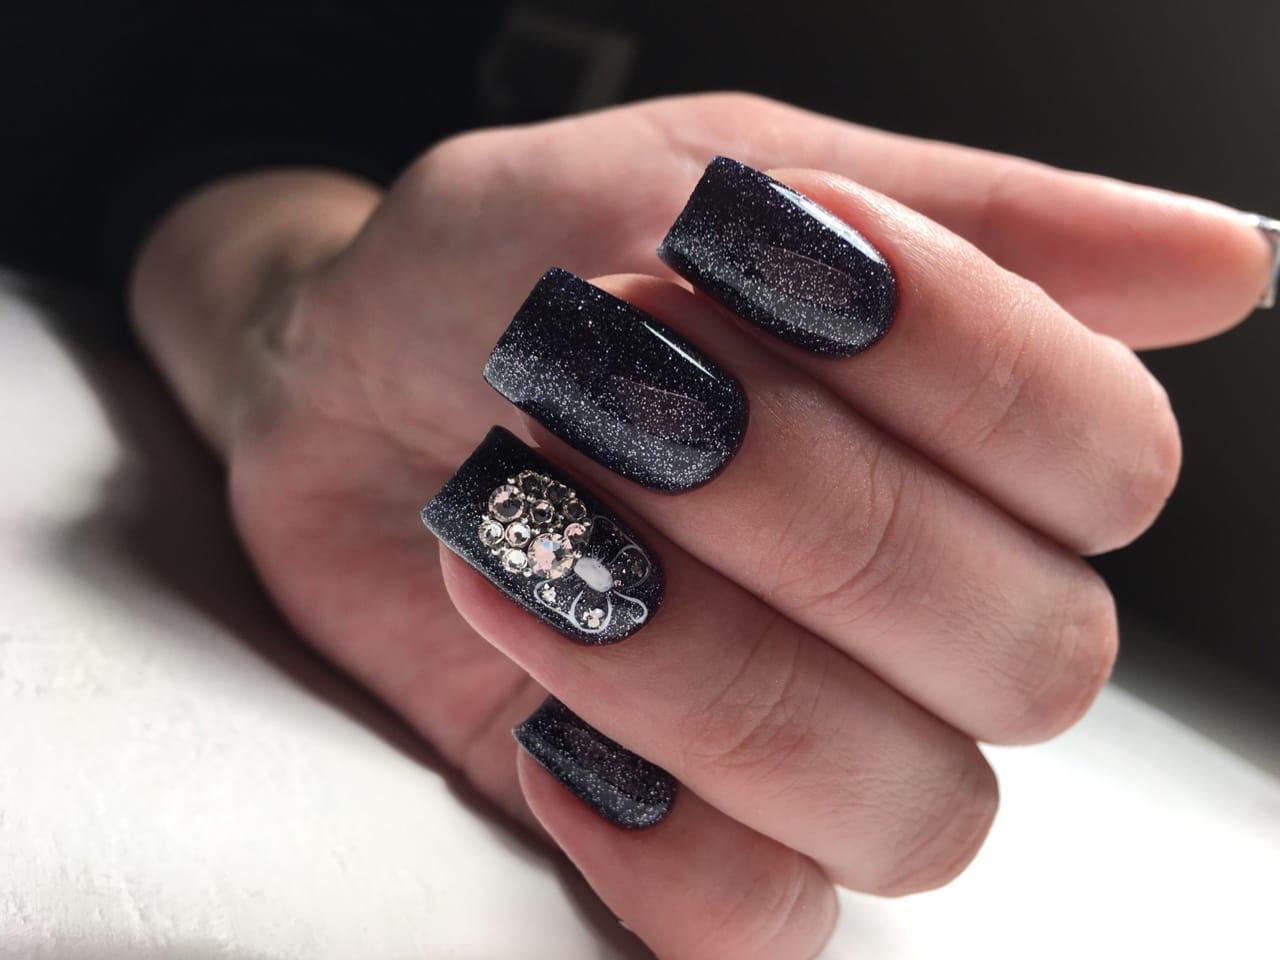 Маникюр в чёрном цвете с серебряными блёстками и новогодним рисунком.